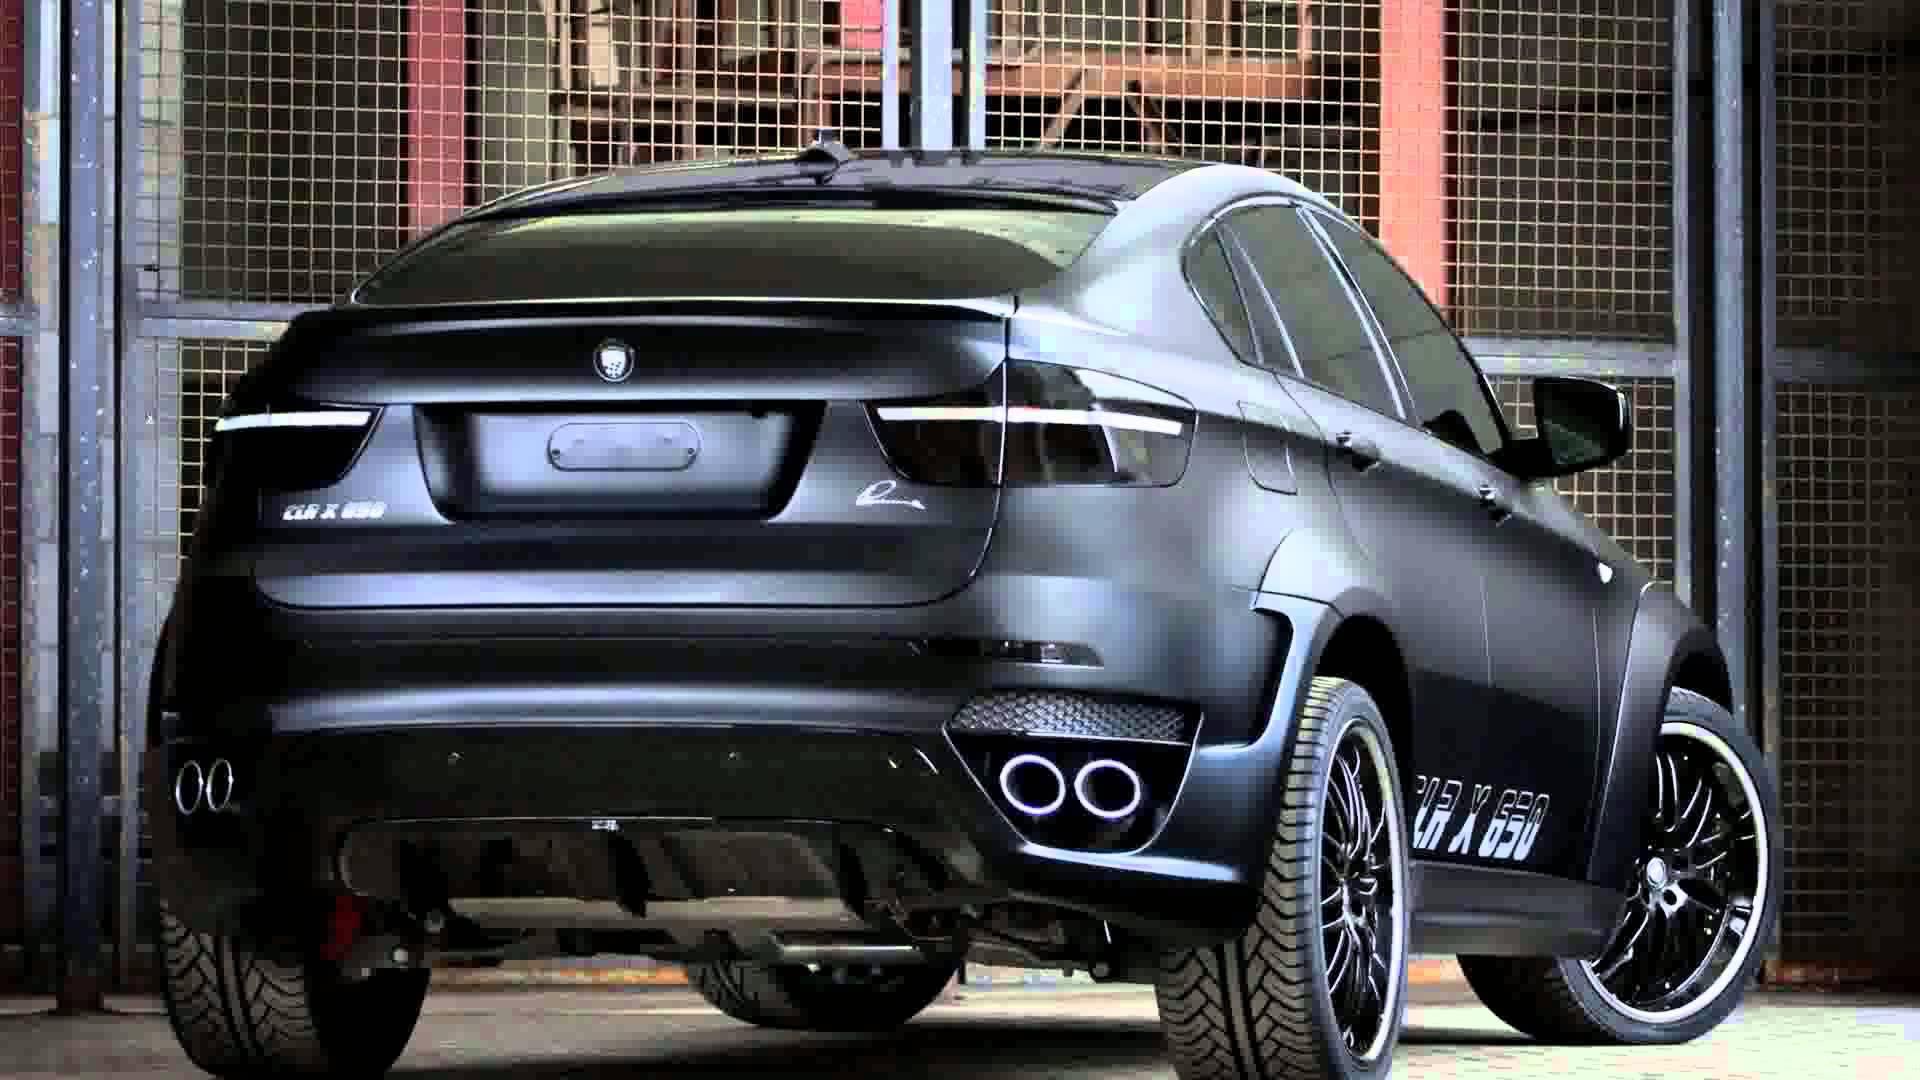 BMW X6 Tuning High Definition